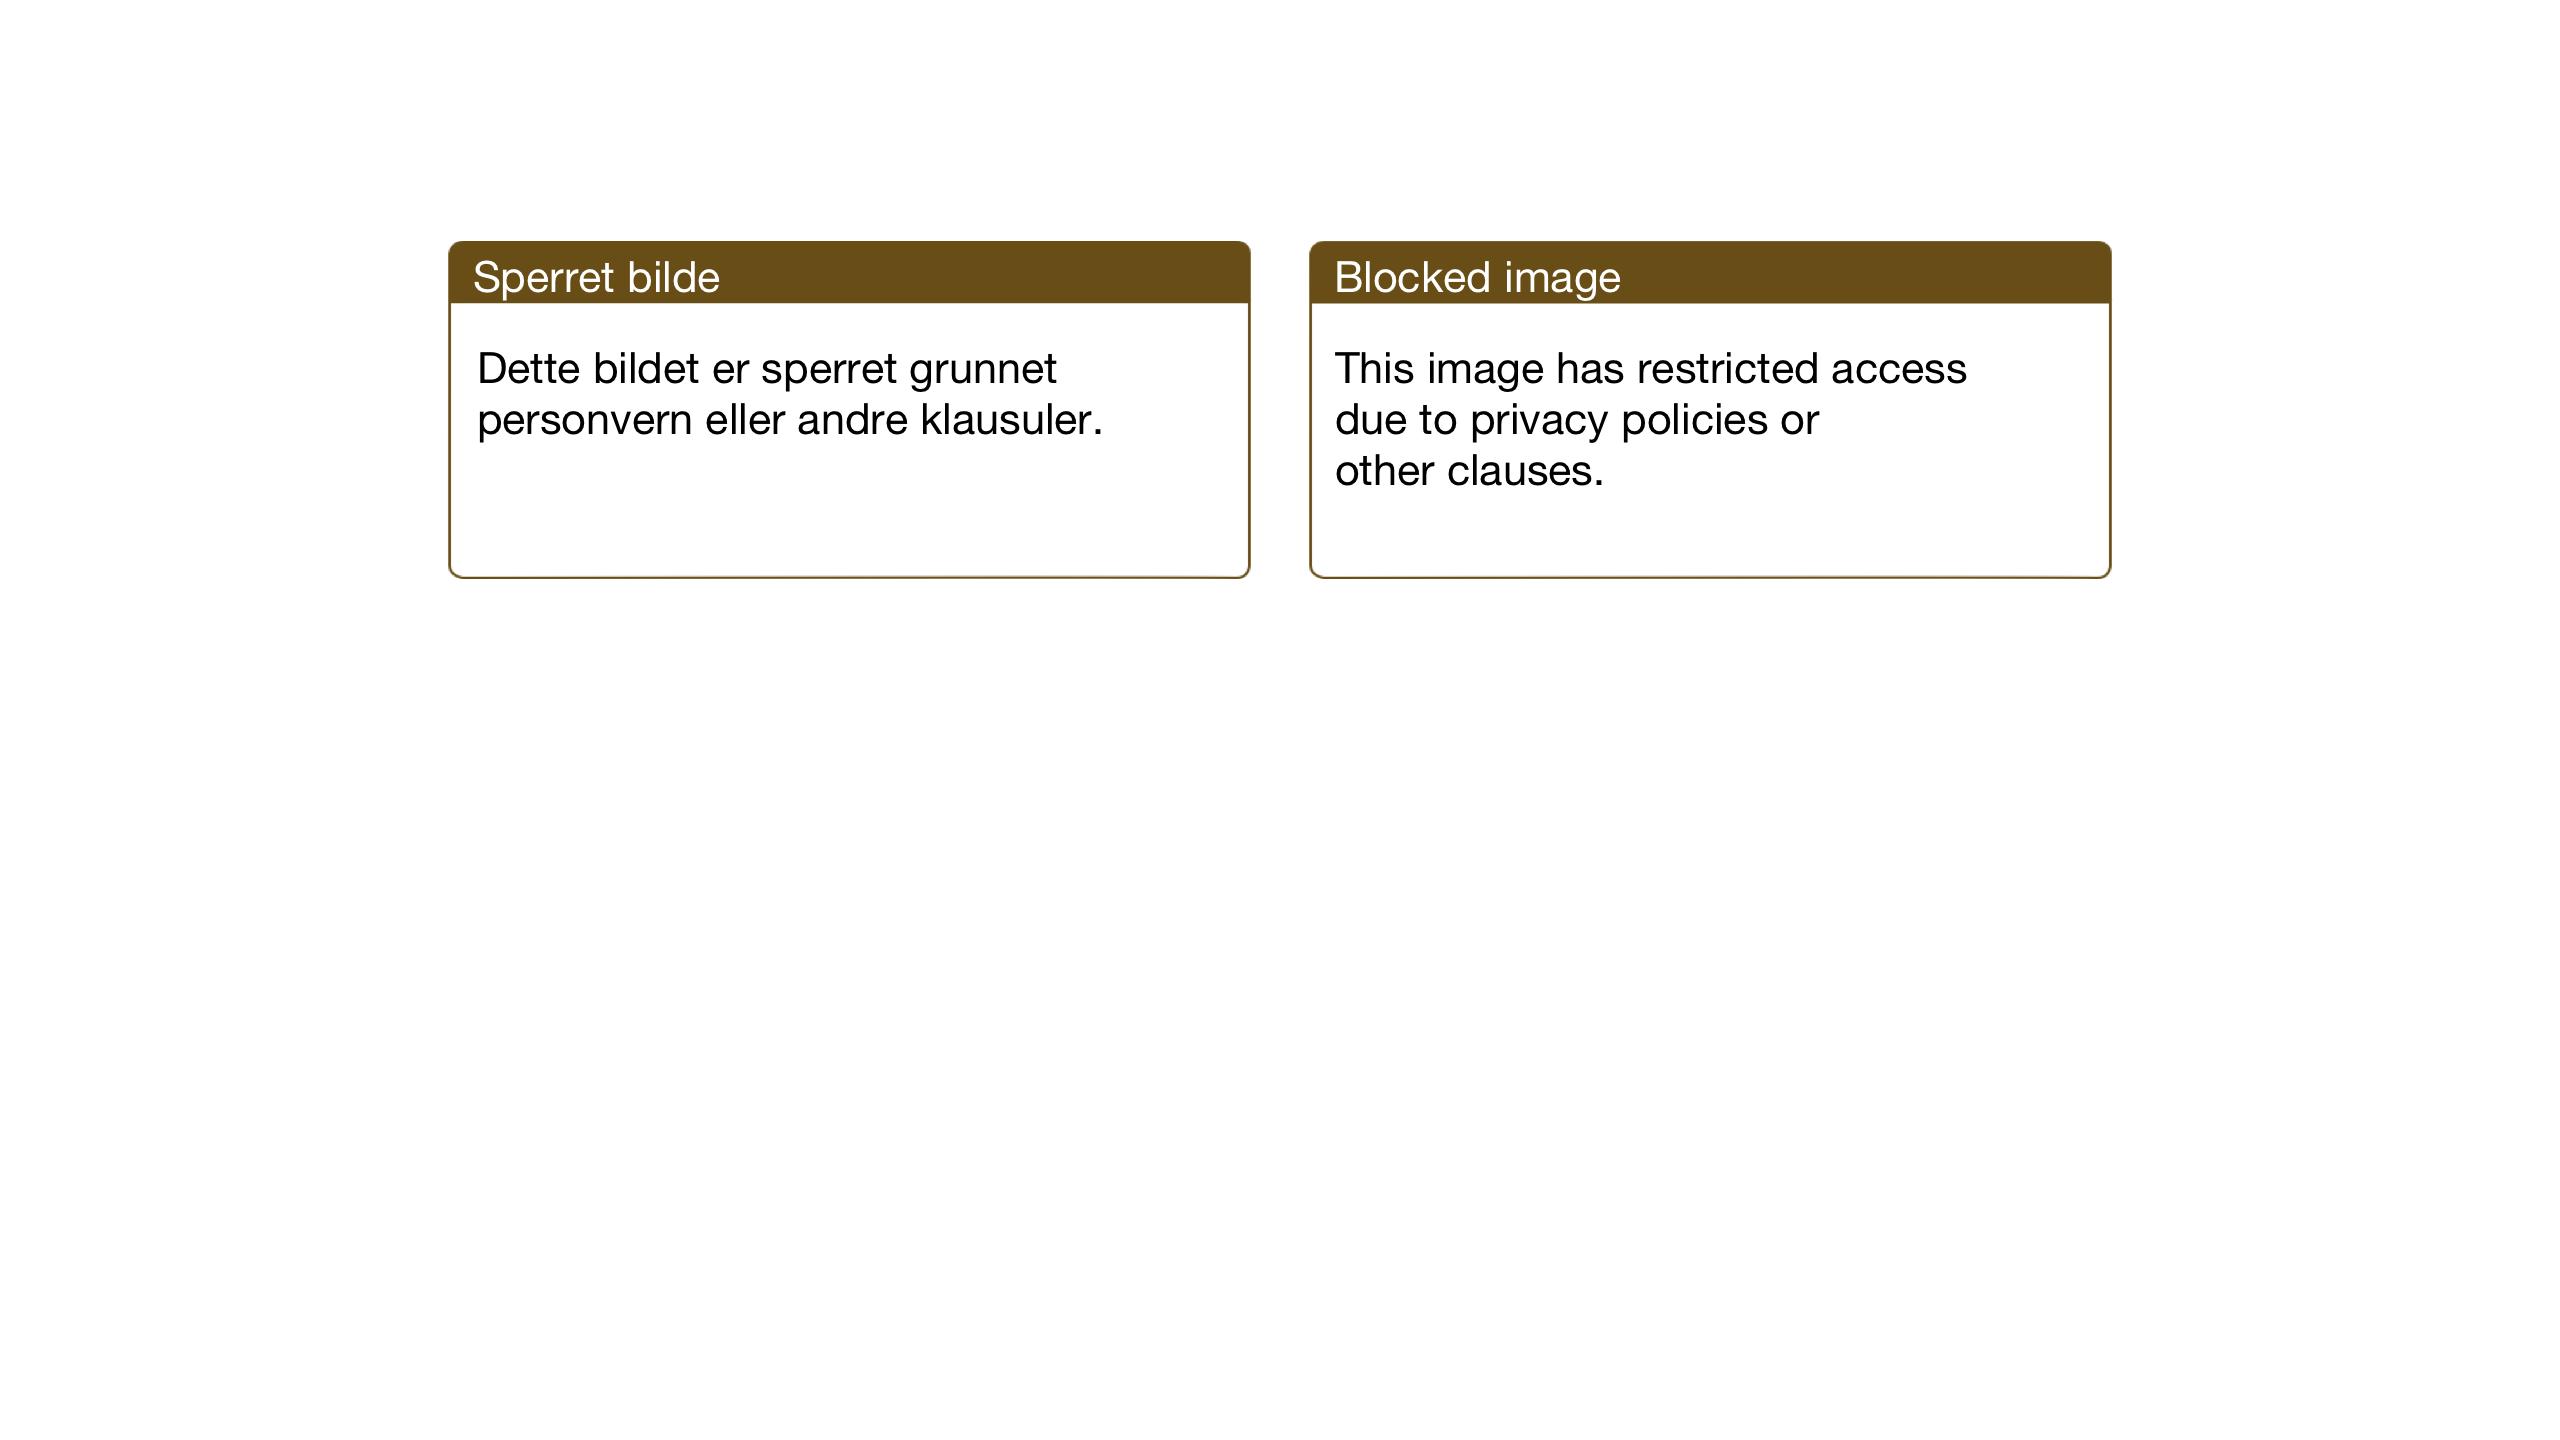 SAT, Ministerialprotokoller, klokkerbøker og fødselsregistre - Nord-Trøndelag, 719/L0180: Klokkerbok nr. 719C01, 1878-1940, s. 50